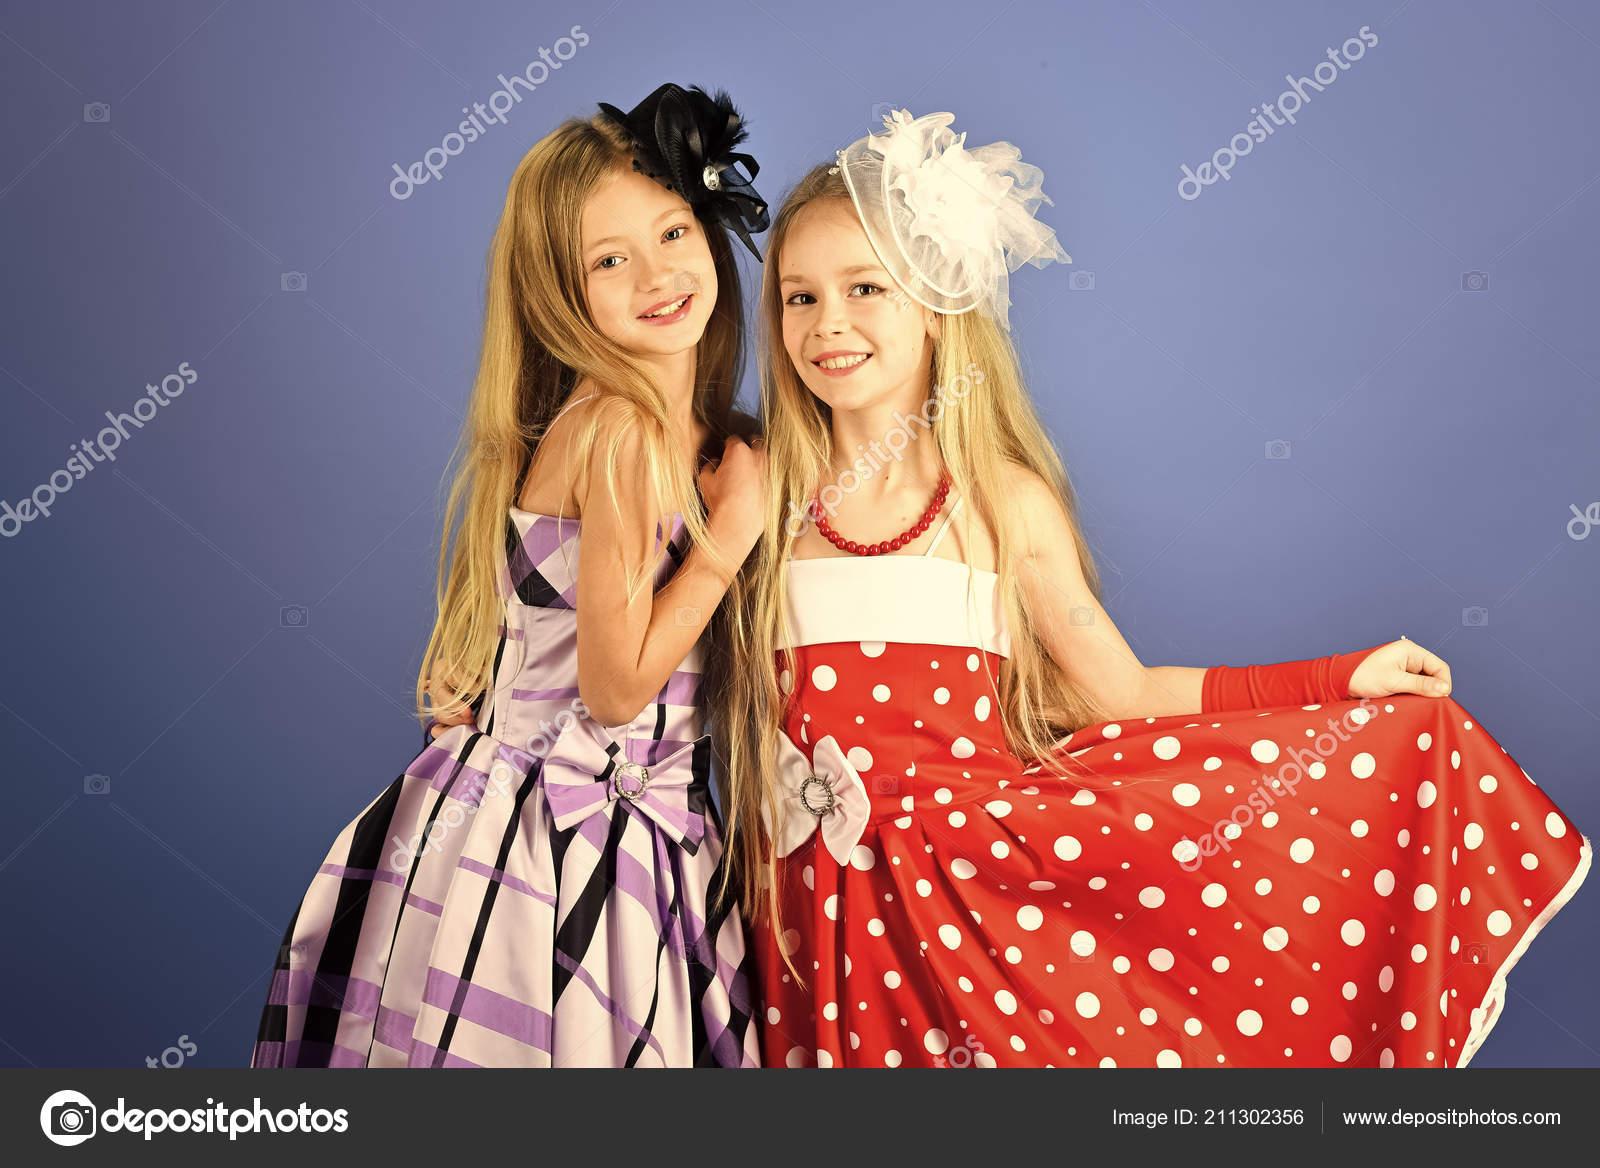 46a5127f933 Móda a krása, malá princezničko. Přátelství, podívej, kadeřnice, svatební.  Rodinné móda modelu sestry, krása. Holčičky v módní šaty, prom.